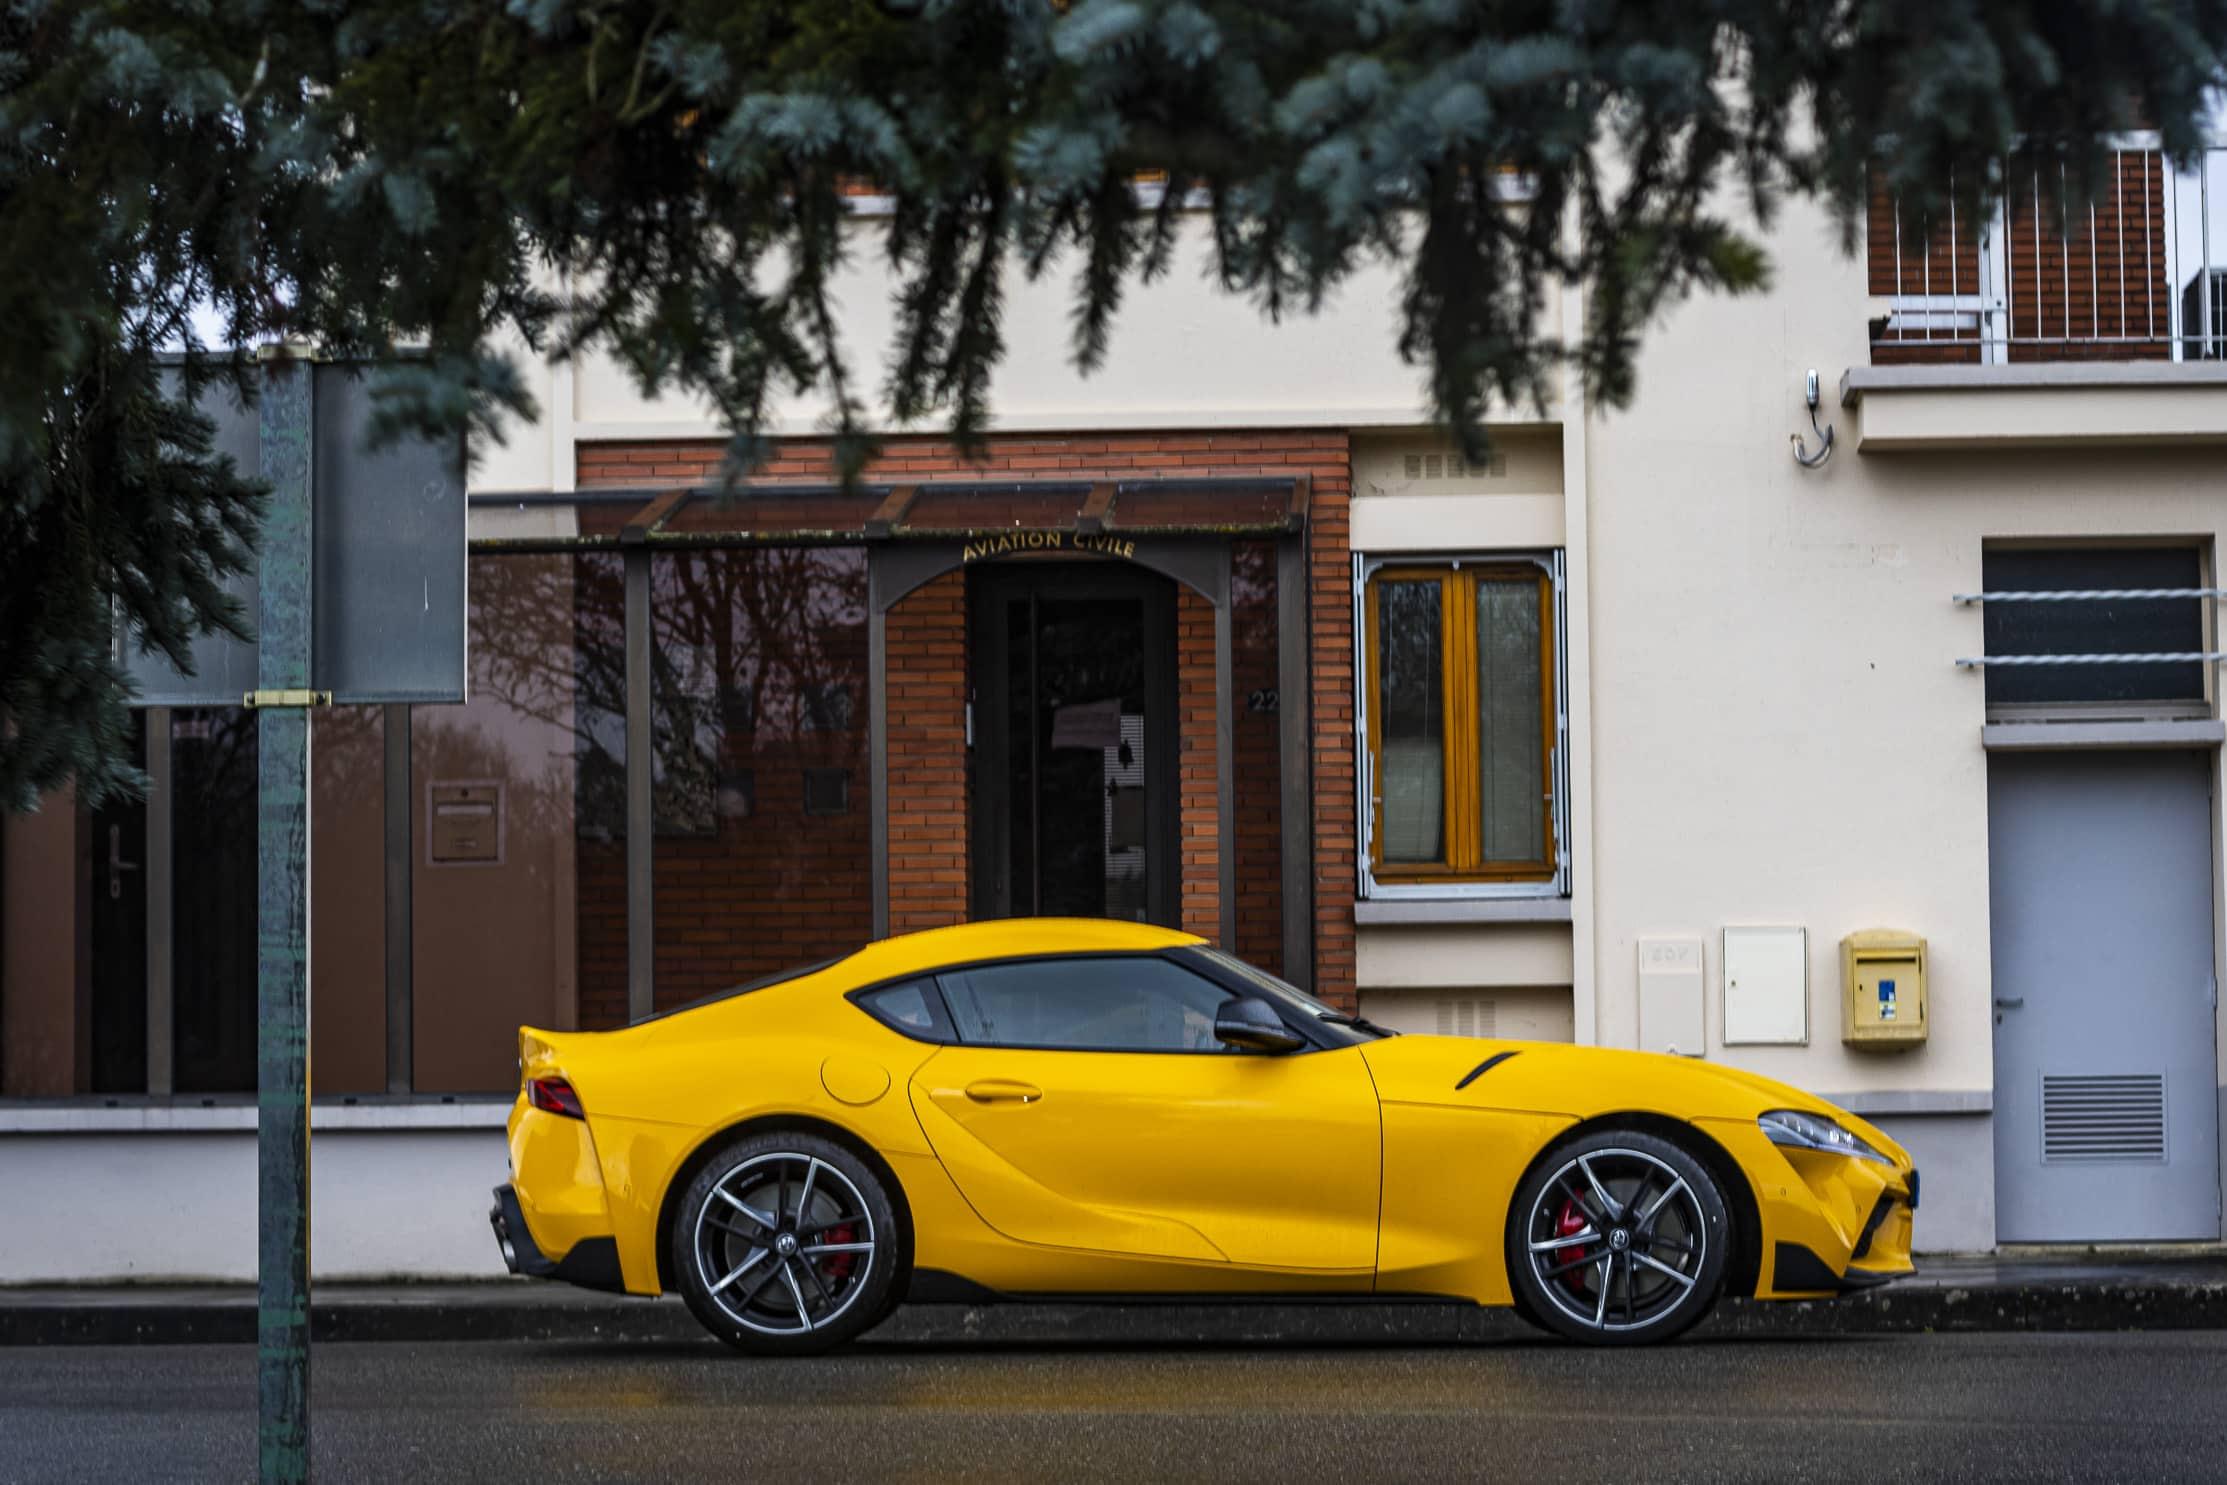 Toyota Supra jaune profil